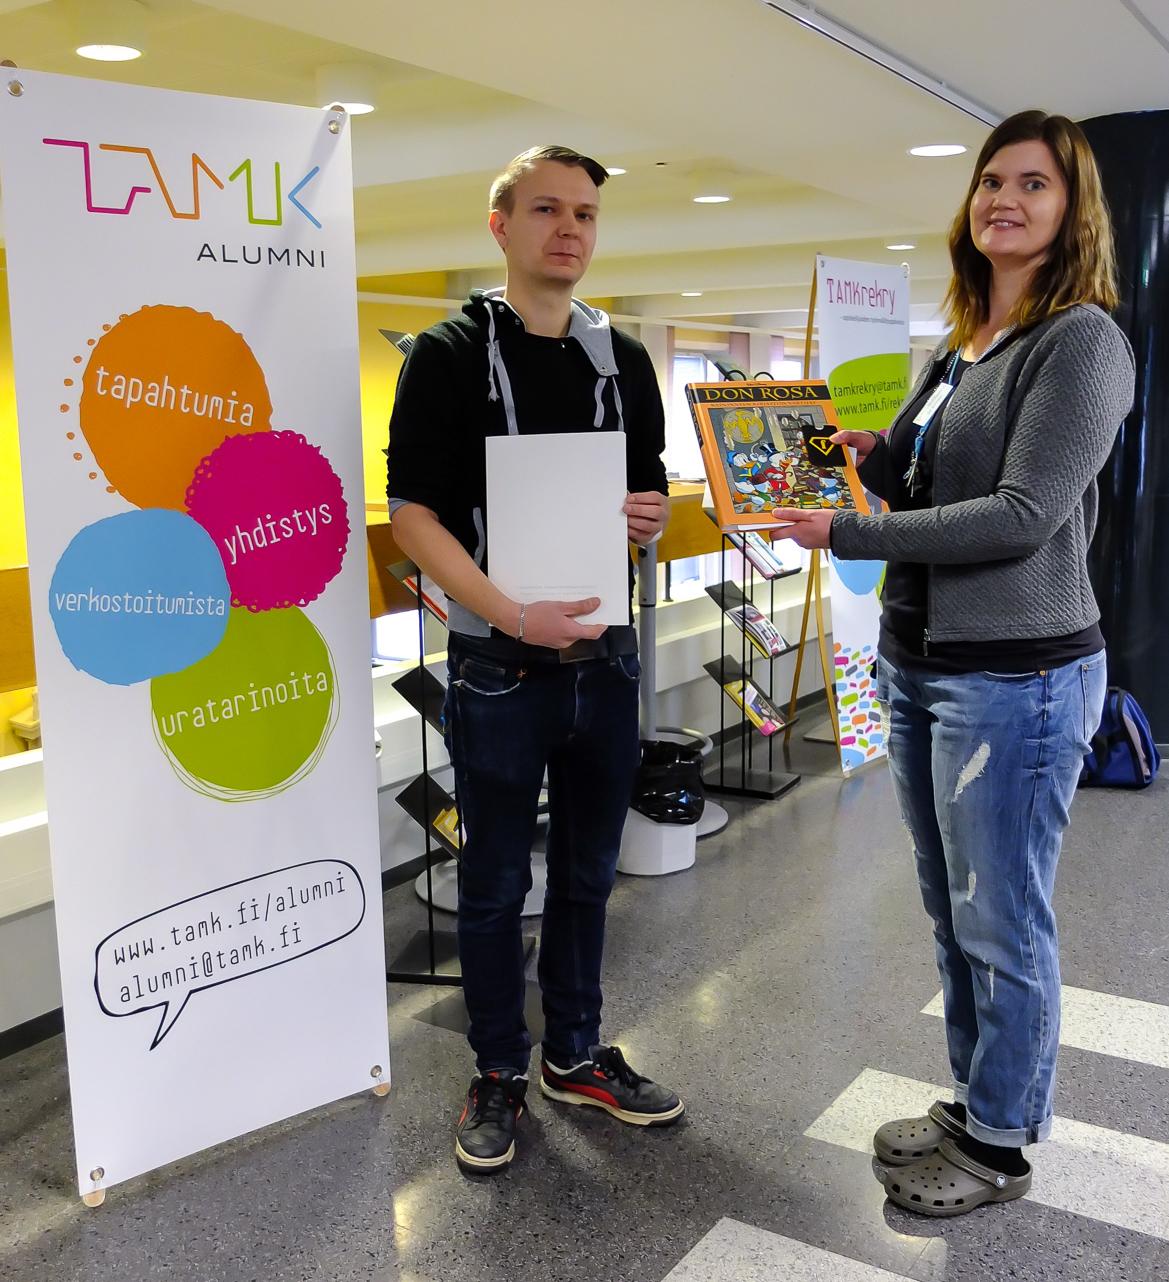 Kuva 1. Kirjaston suunnittelija Eija Mustonen onnittelee tietotekniikan koulutuksesta valmistunutta Aleksi Tapolaa.